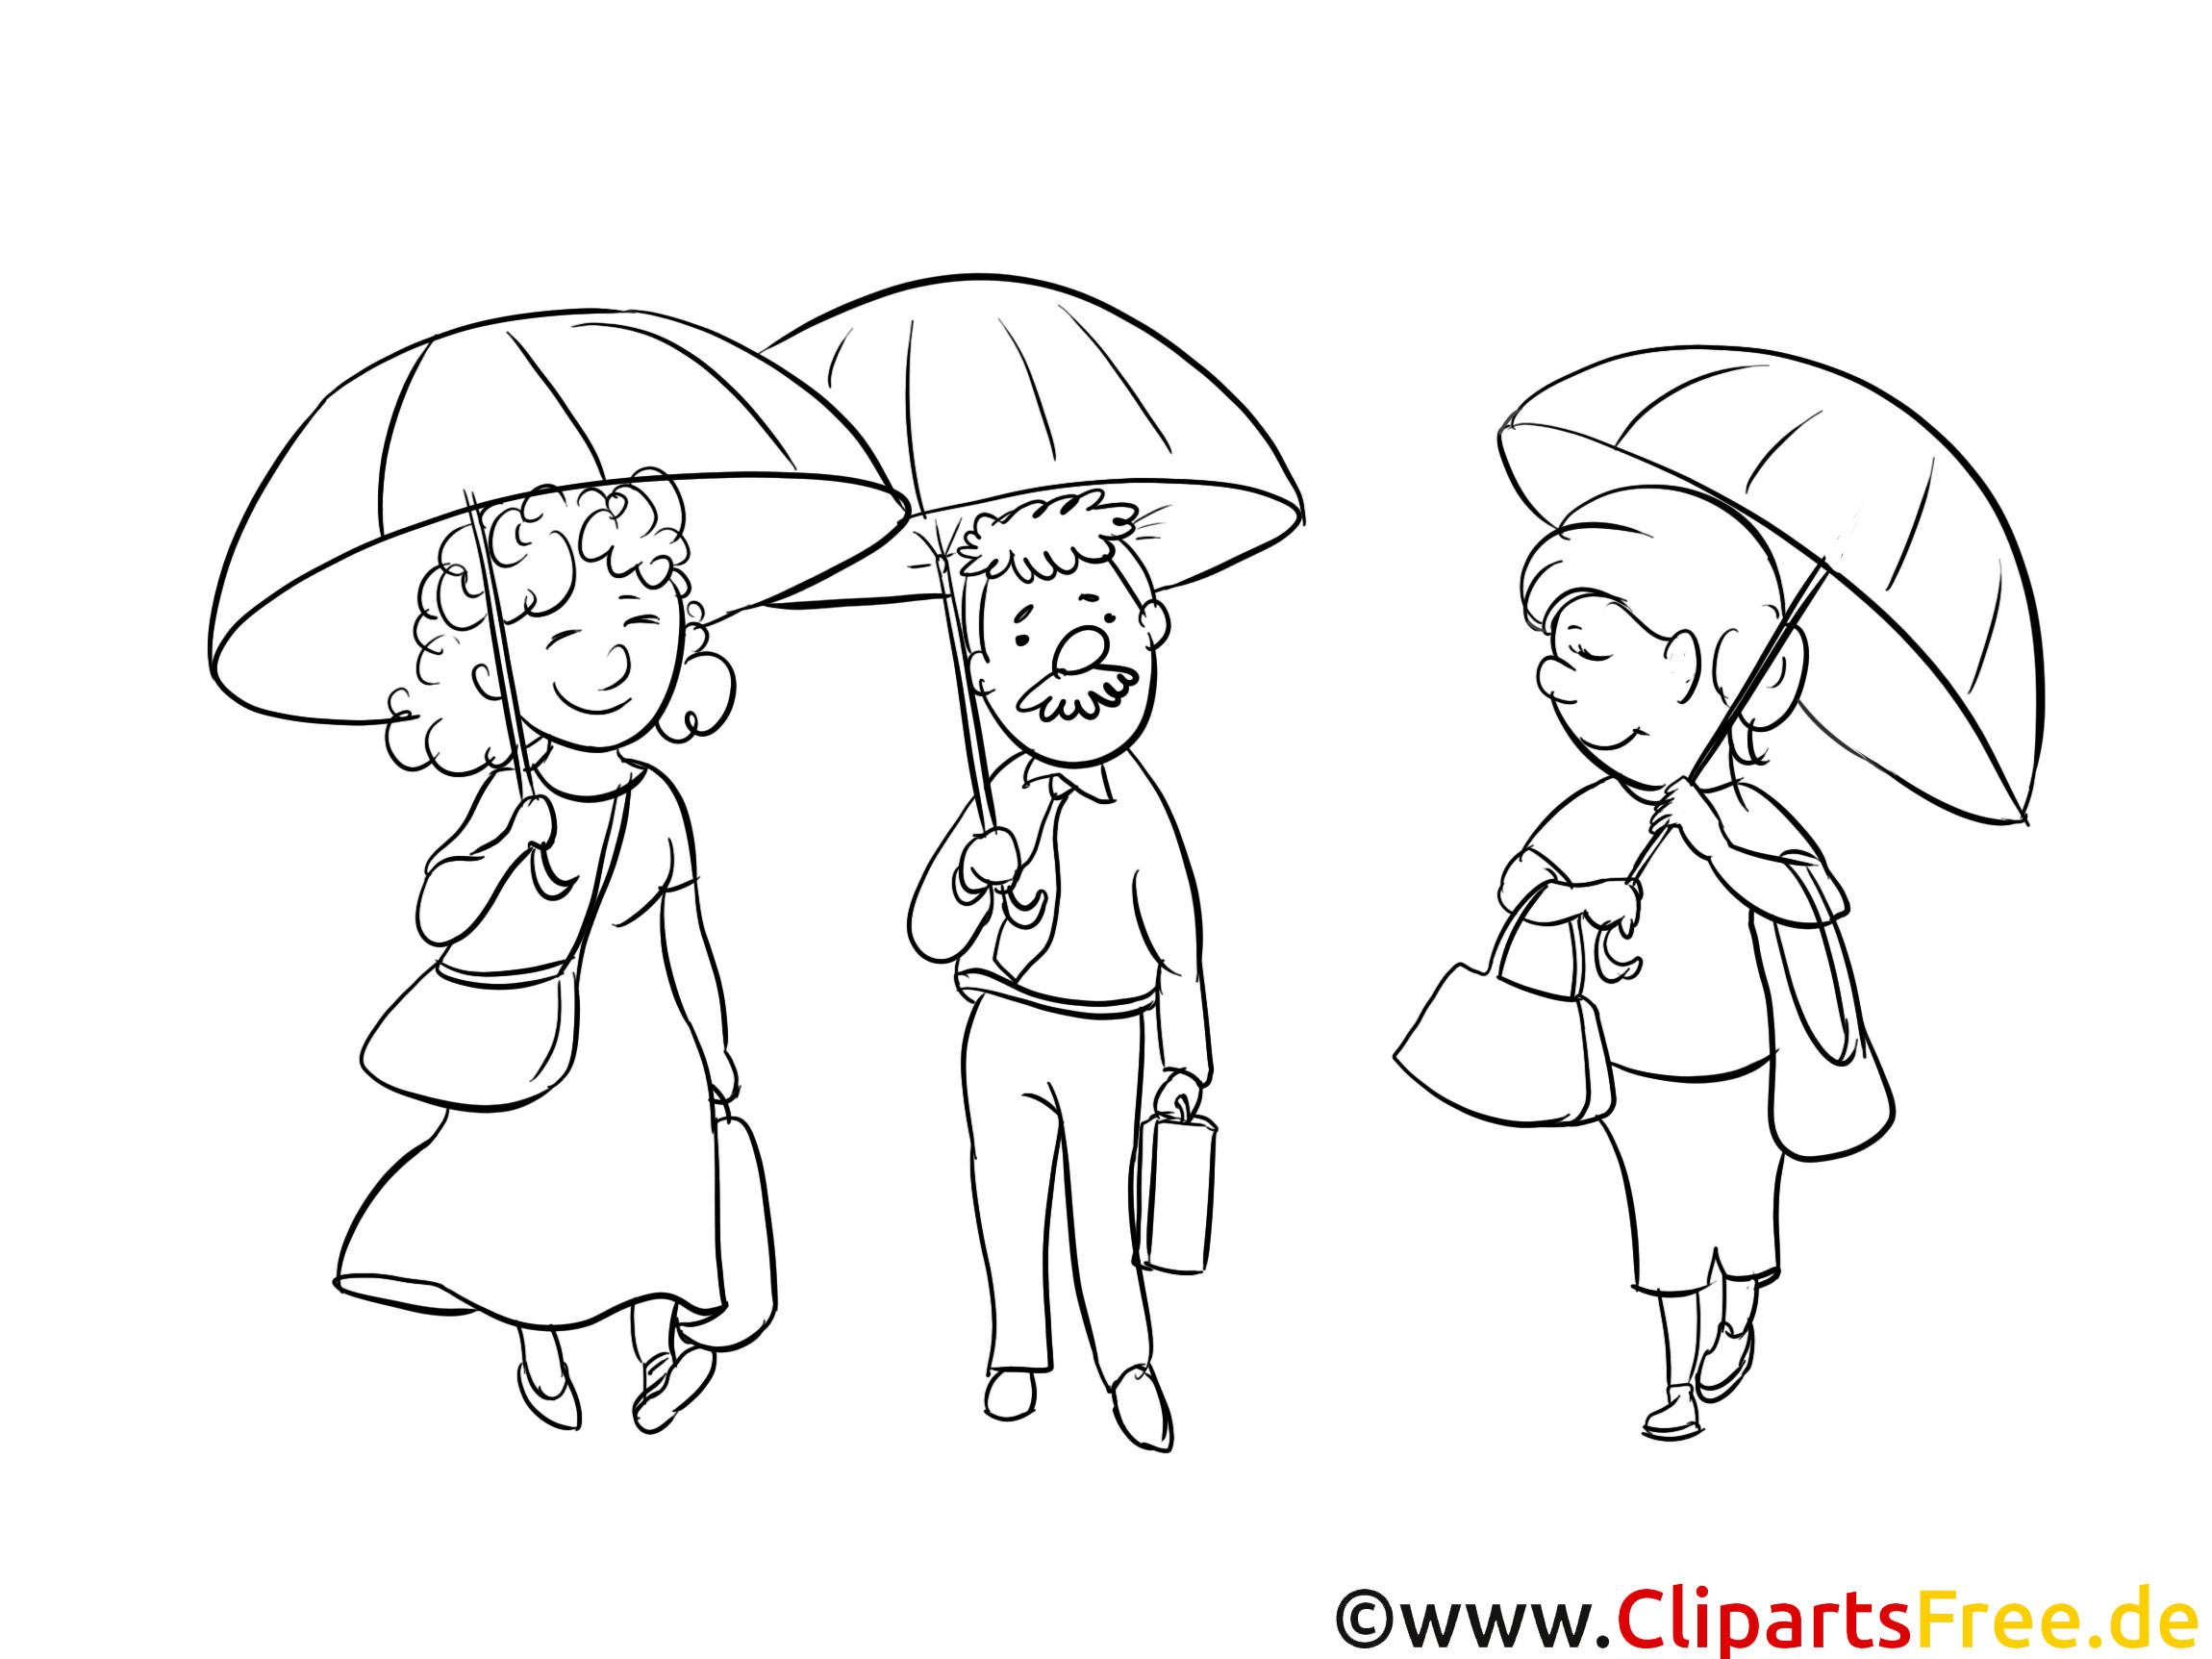 Kostenlose Malvorlagen  Regen kostenlose Ausmalbilder und Malvorlagen mit Menschen